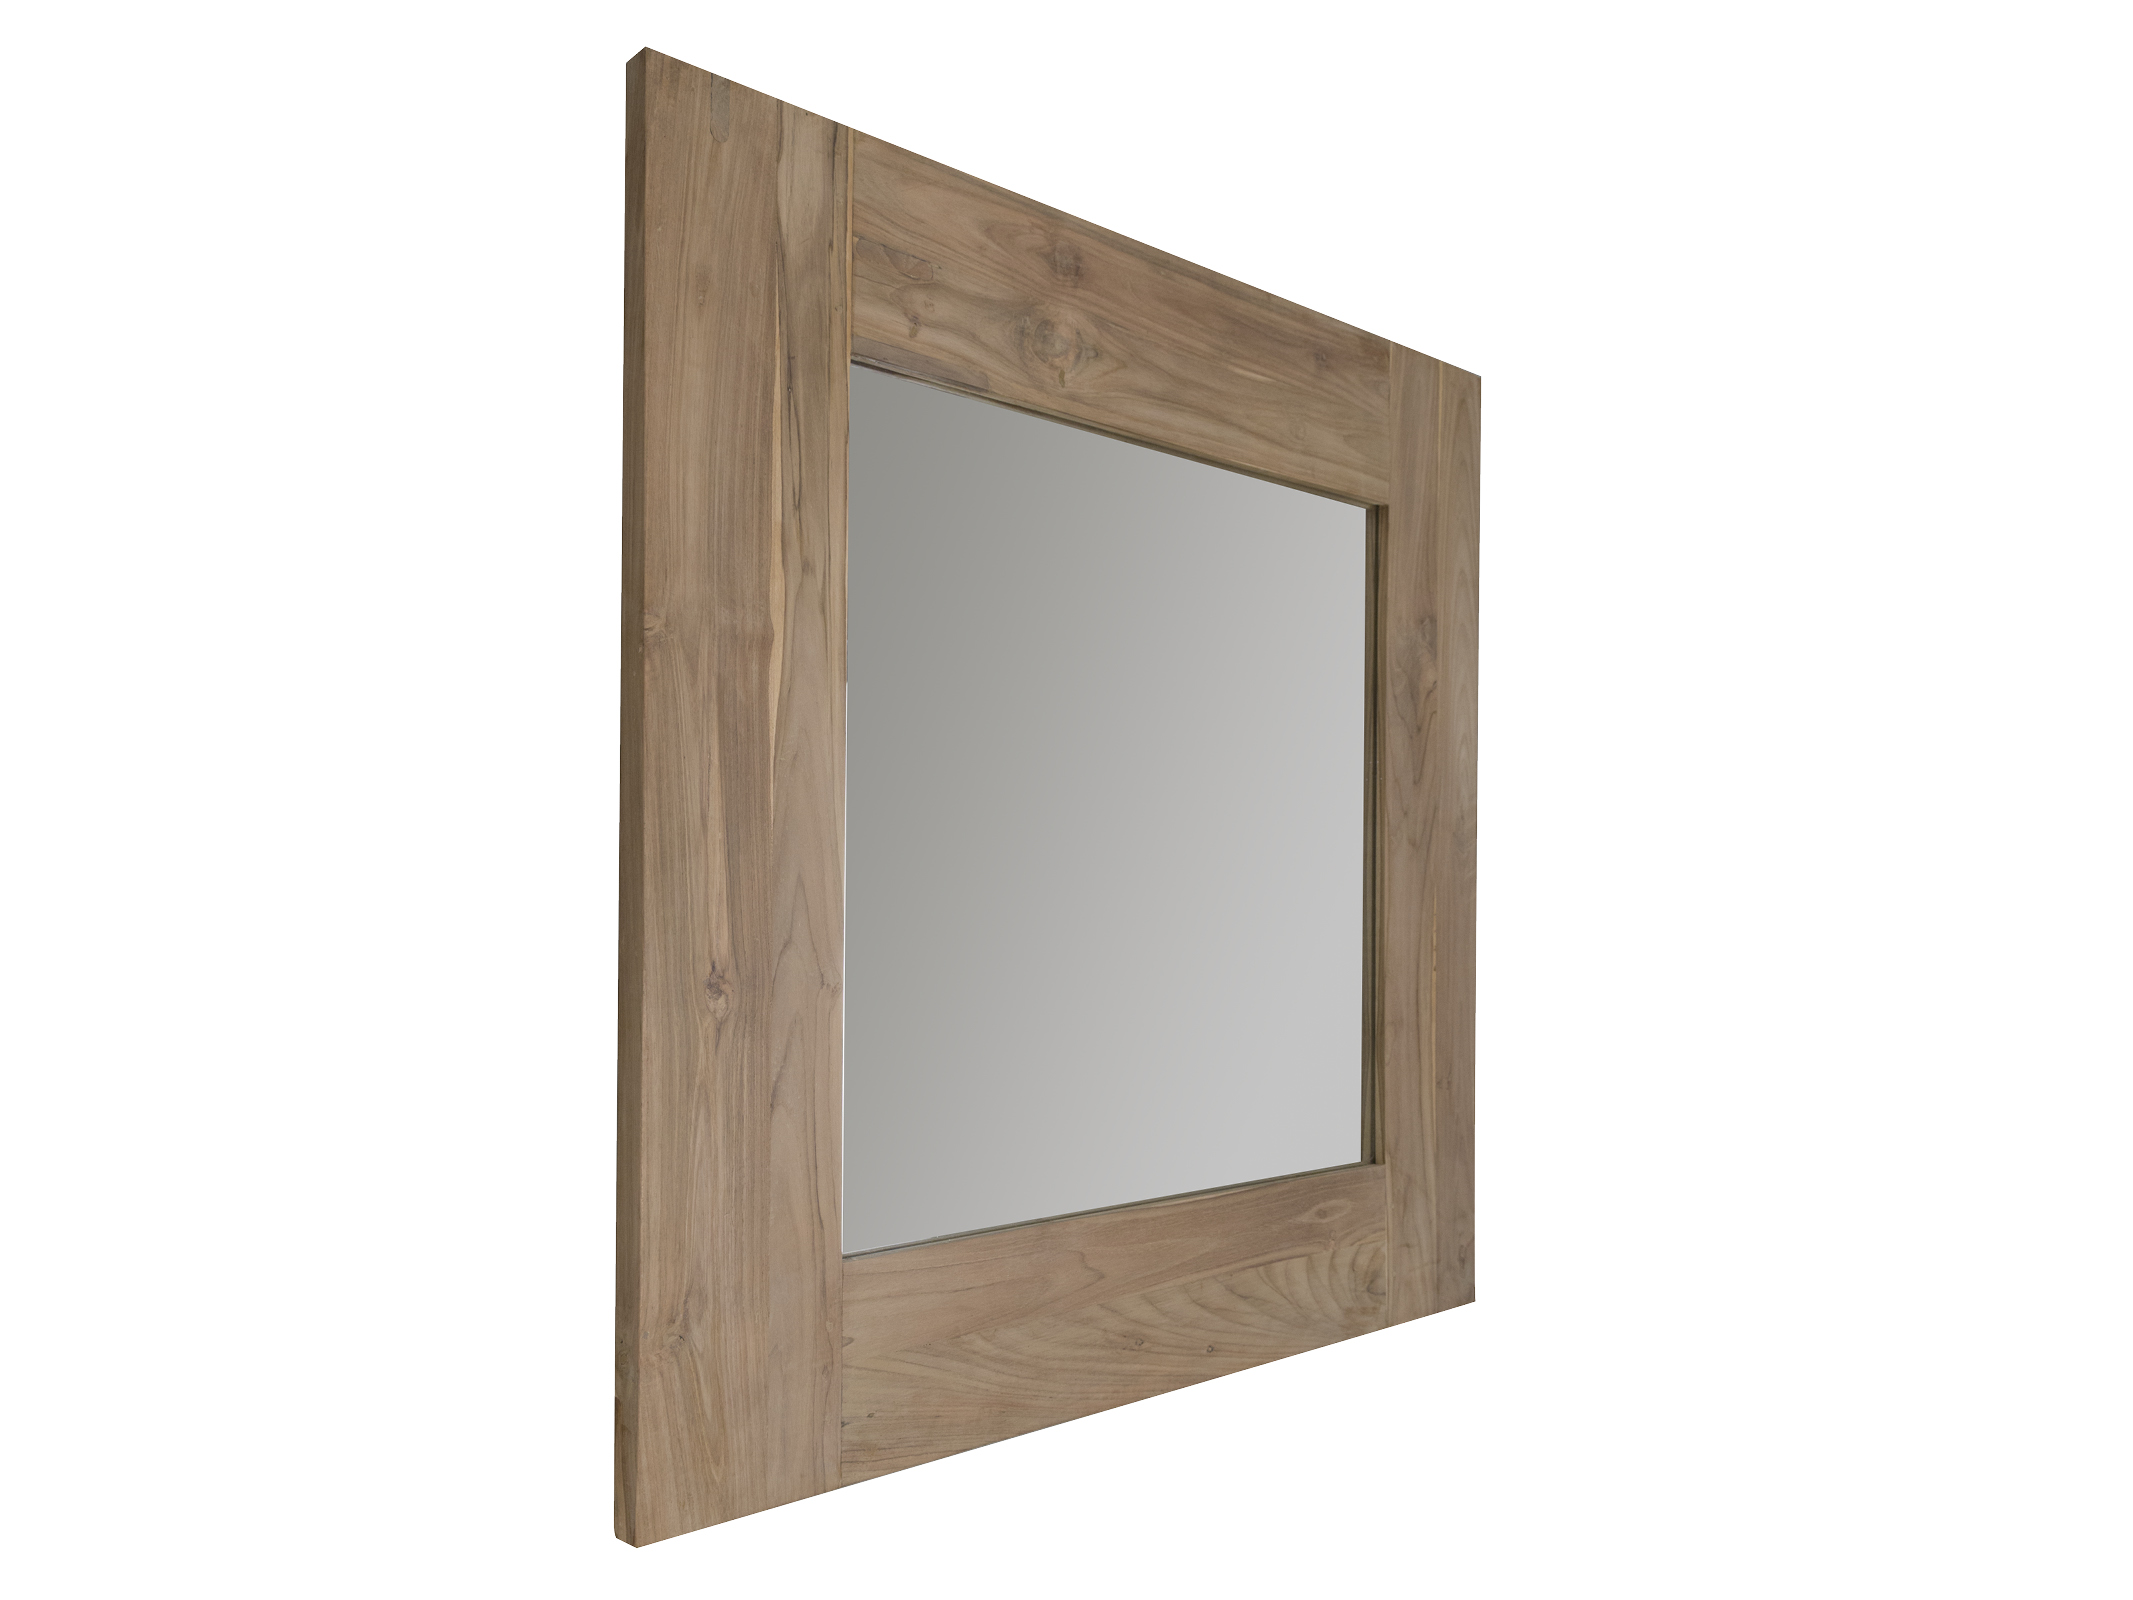 Specchio square cip design ed accessori per la stanza da bagno - Specchio diamond riflessi prezzo ...